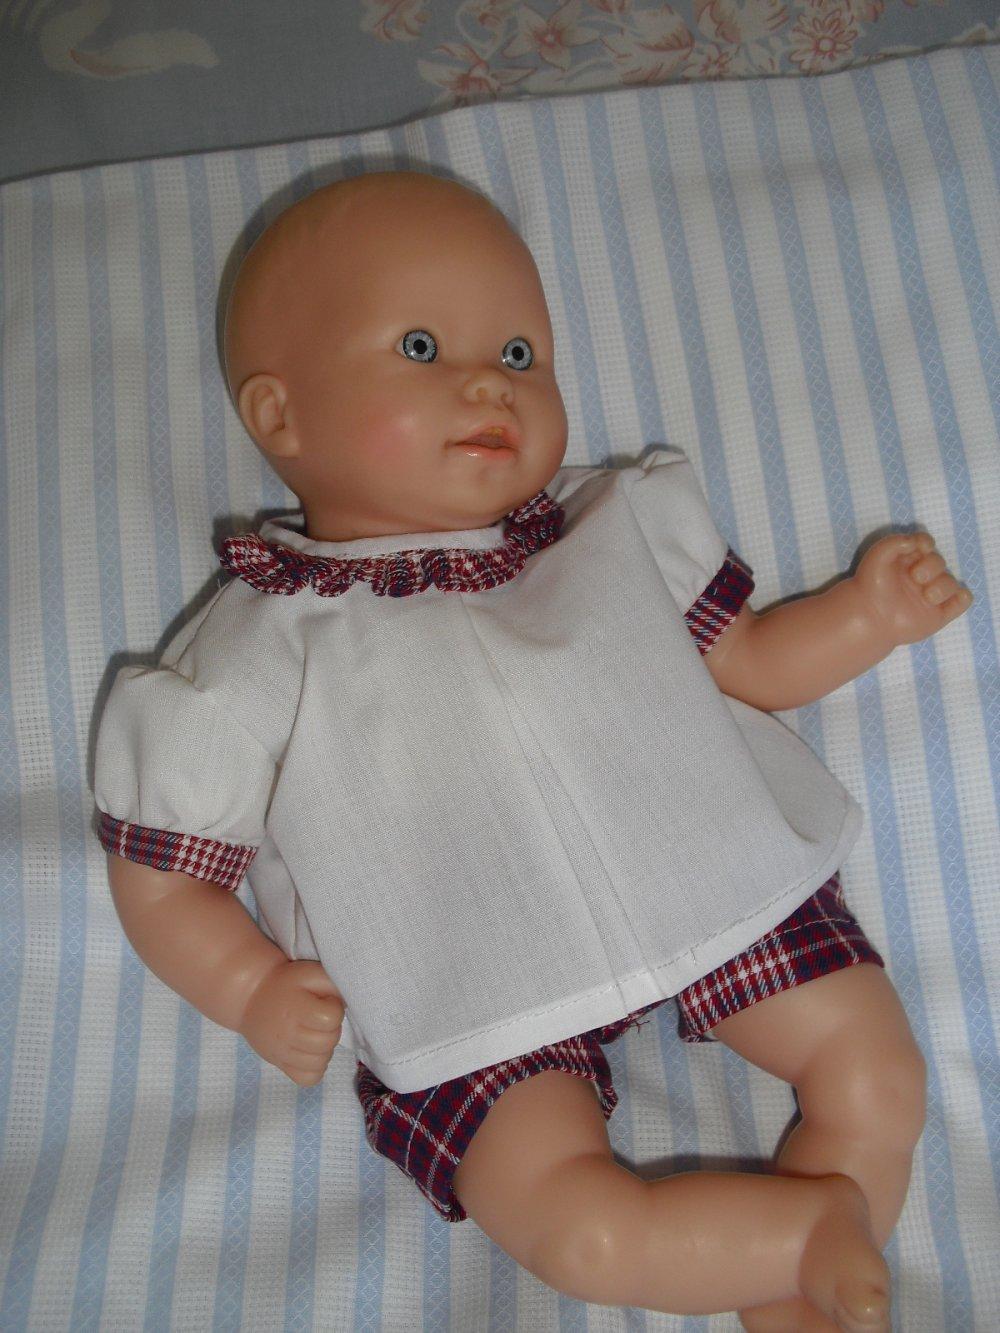 Corsage blanc, culotte écossaise et capuchon rouge pour un poupon d'environ 25-30 cm